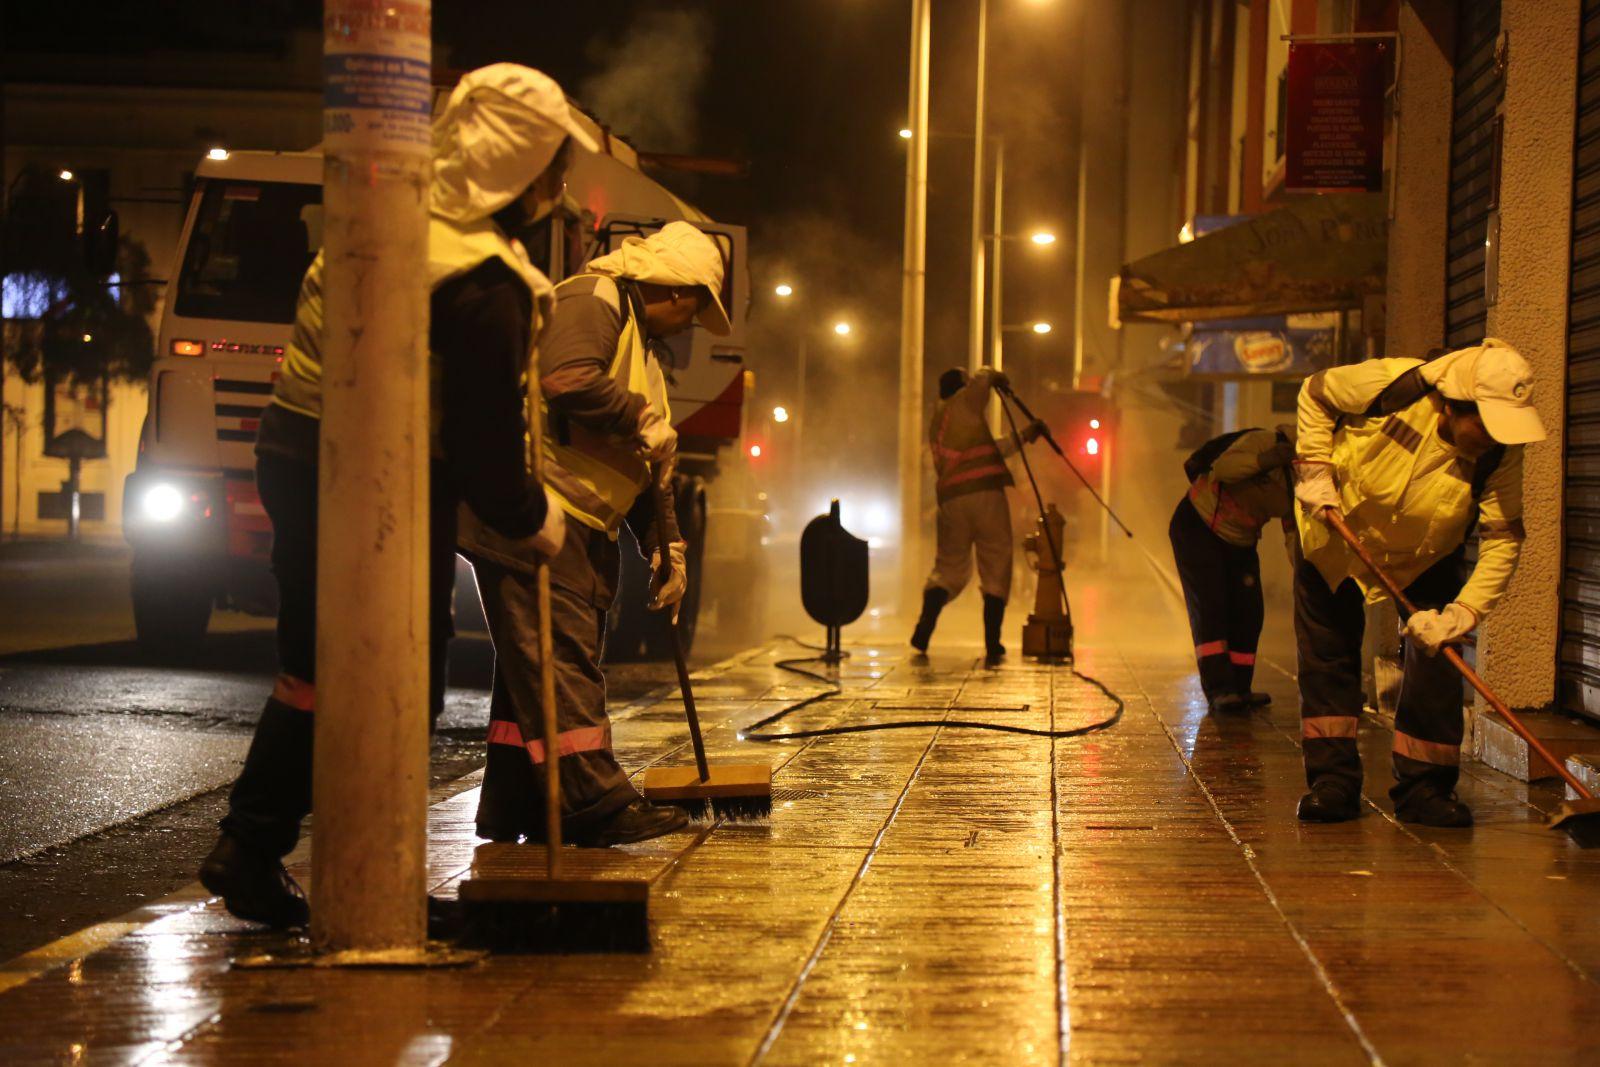 municipio-intensifica-labores-de-limpieza-nocturna-en-sector-centro-de-antofagasta